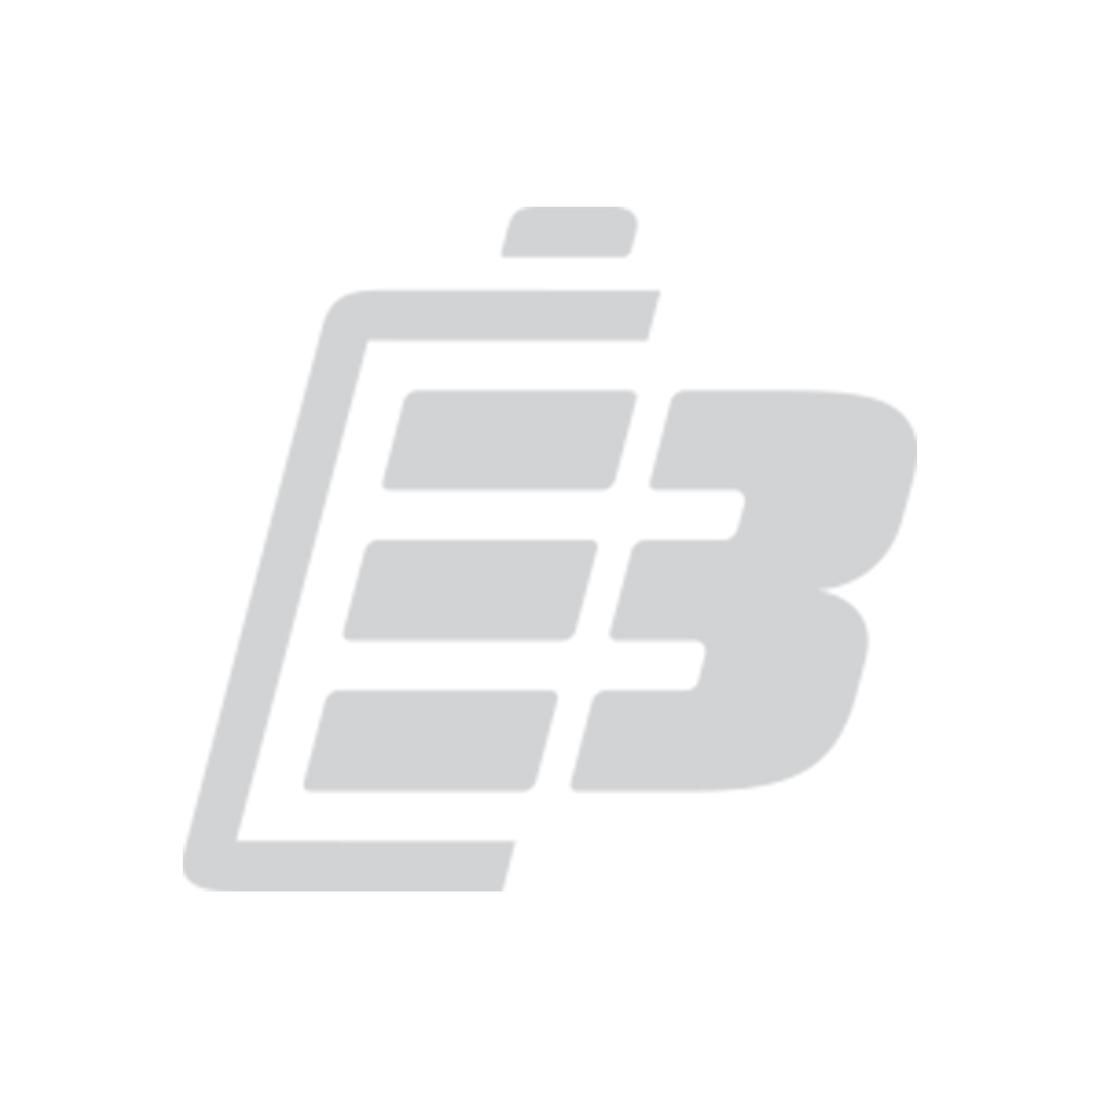 GPS battery Asus S102 Multimedia Navigator _1